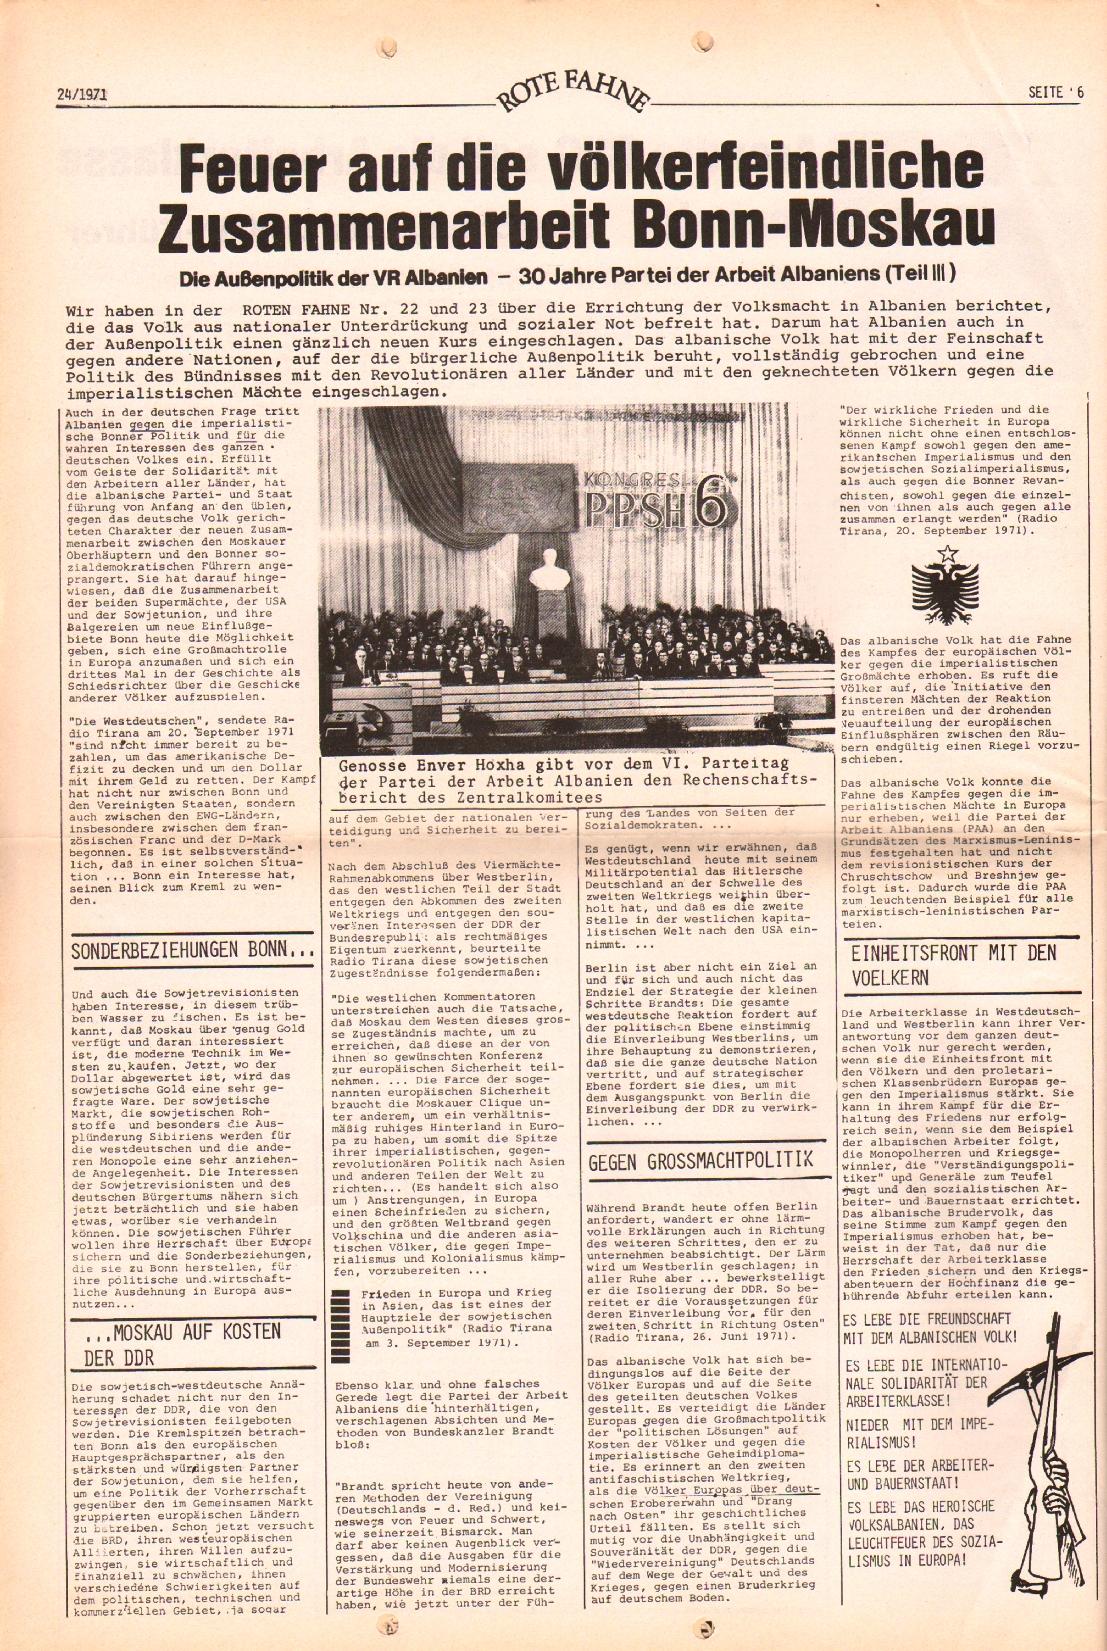 Rote Fahne, 2. Jg., 6.12.1971, Nr. 24, Seite 10